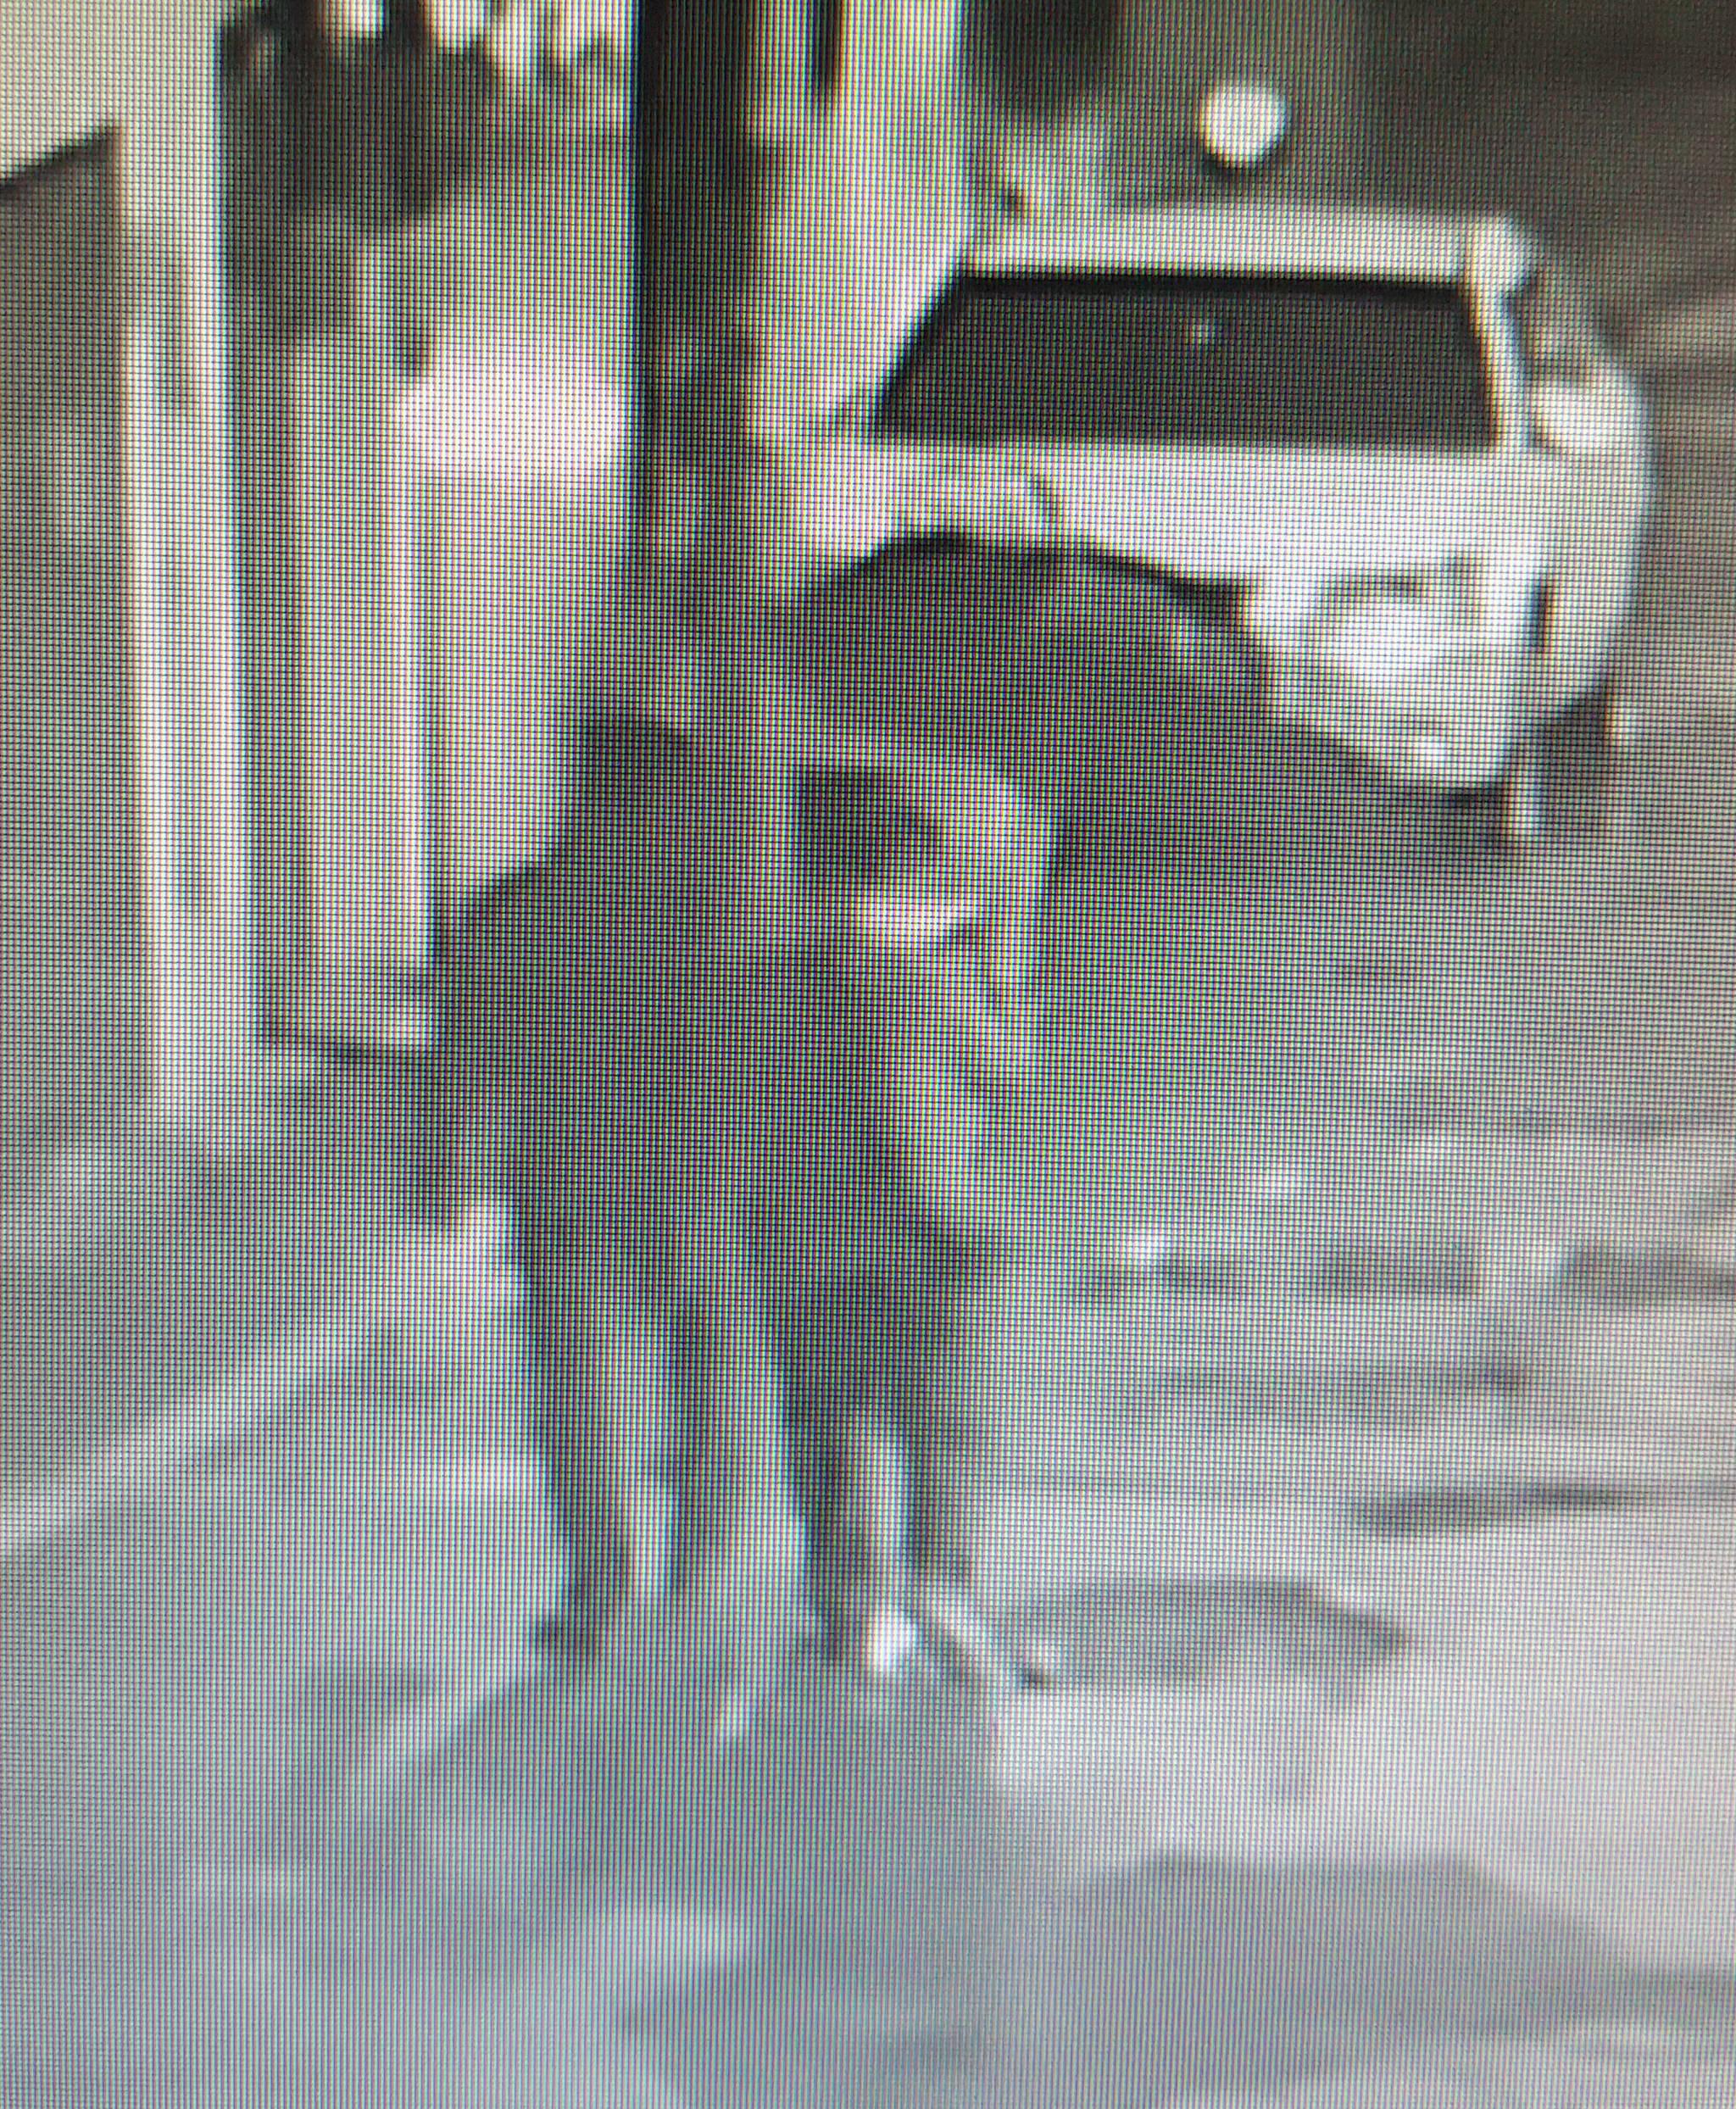 지난 18일 오후 11시 38분께 A씨와 B씨가 함께 집으로 들어가는 모습이 찍힌 CCTV. [대전지방경찰청 제공=연합뉴스]